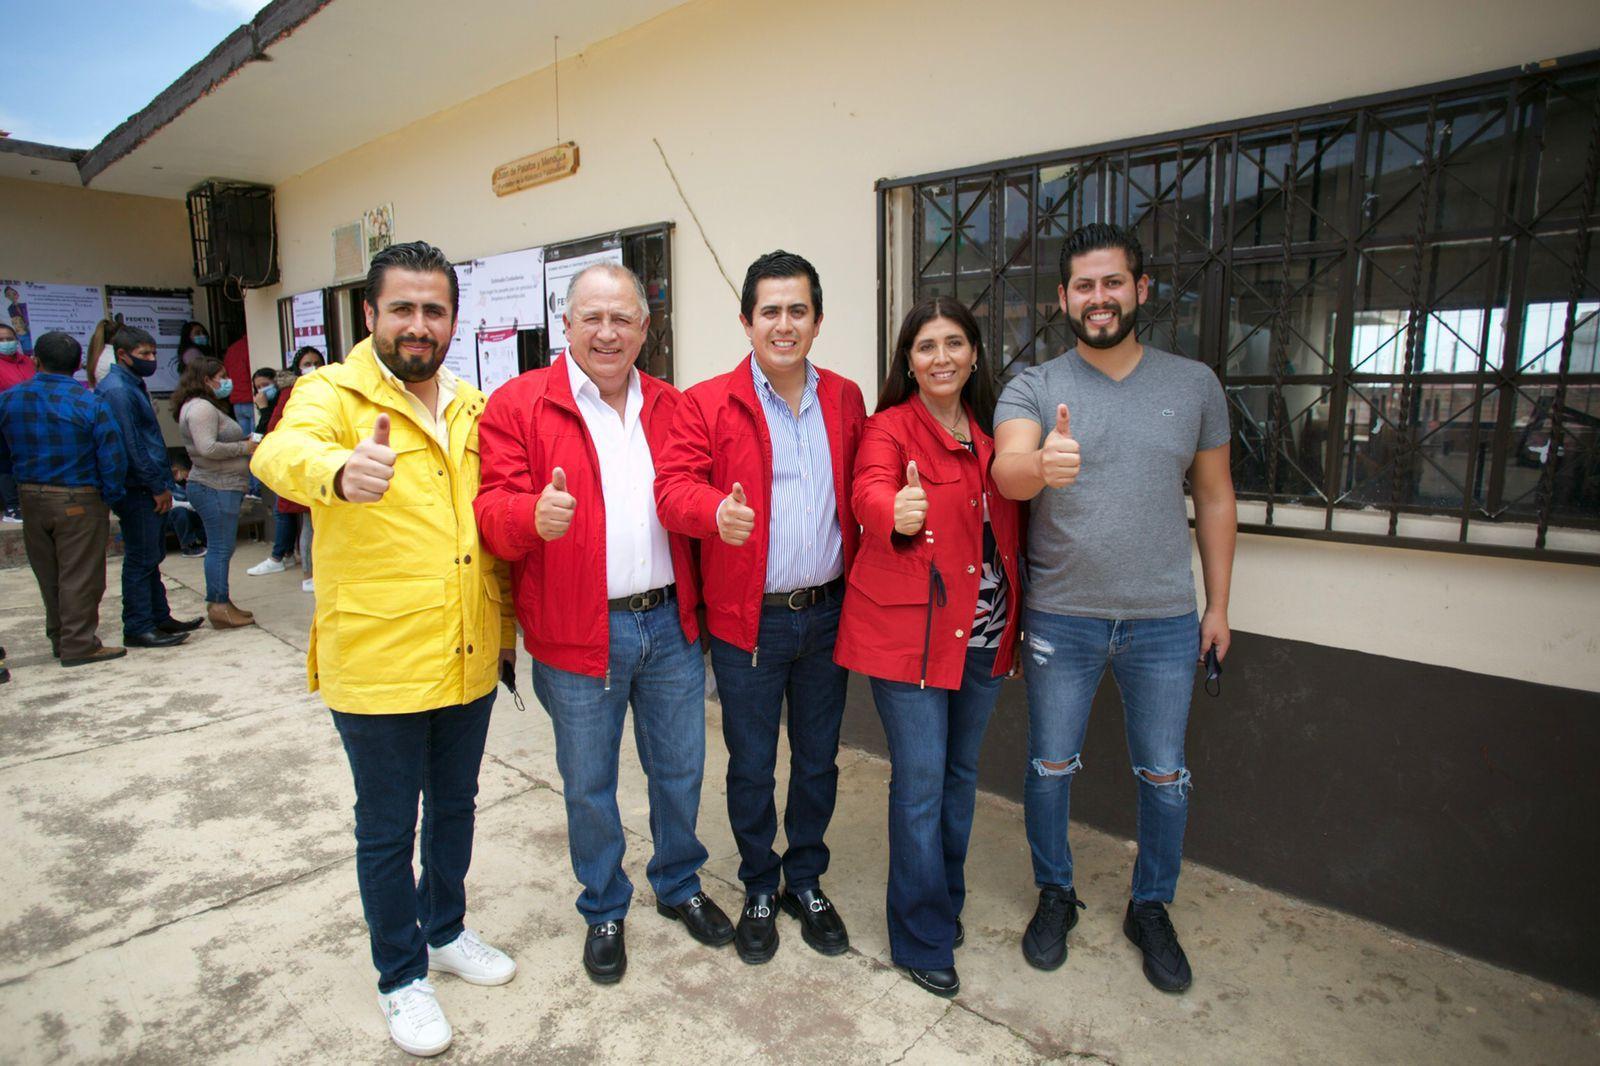 Acude Lorenzo Rivera a votar en compañía de su familia